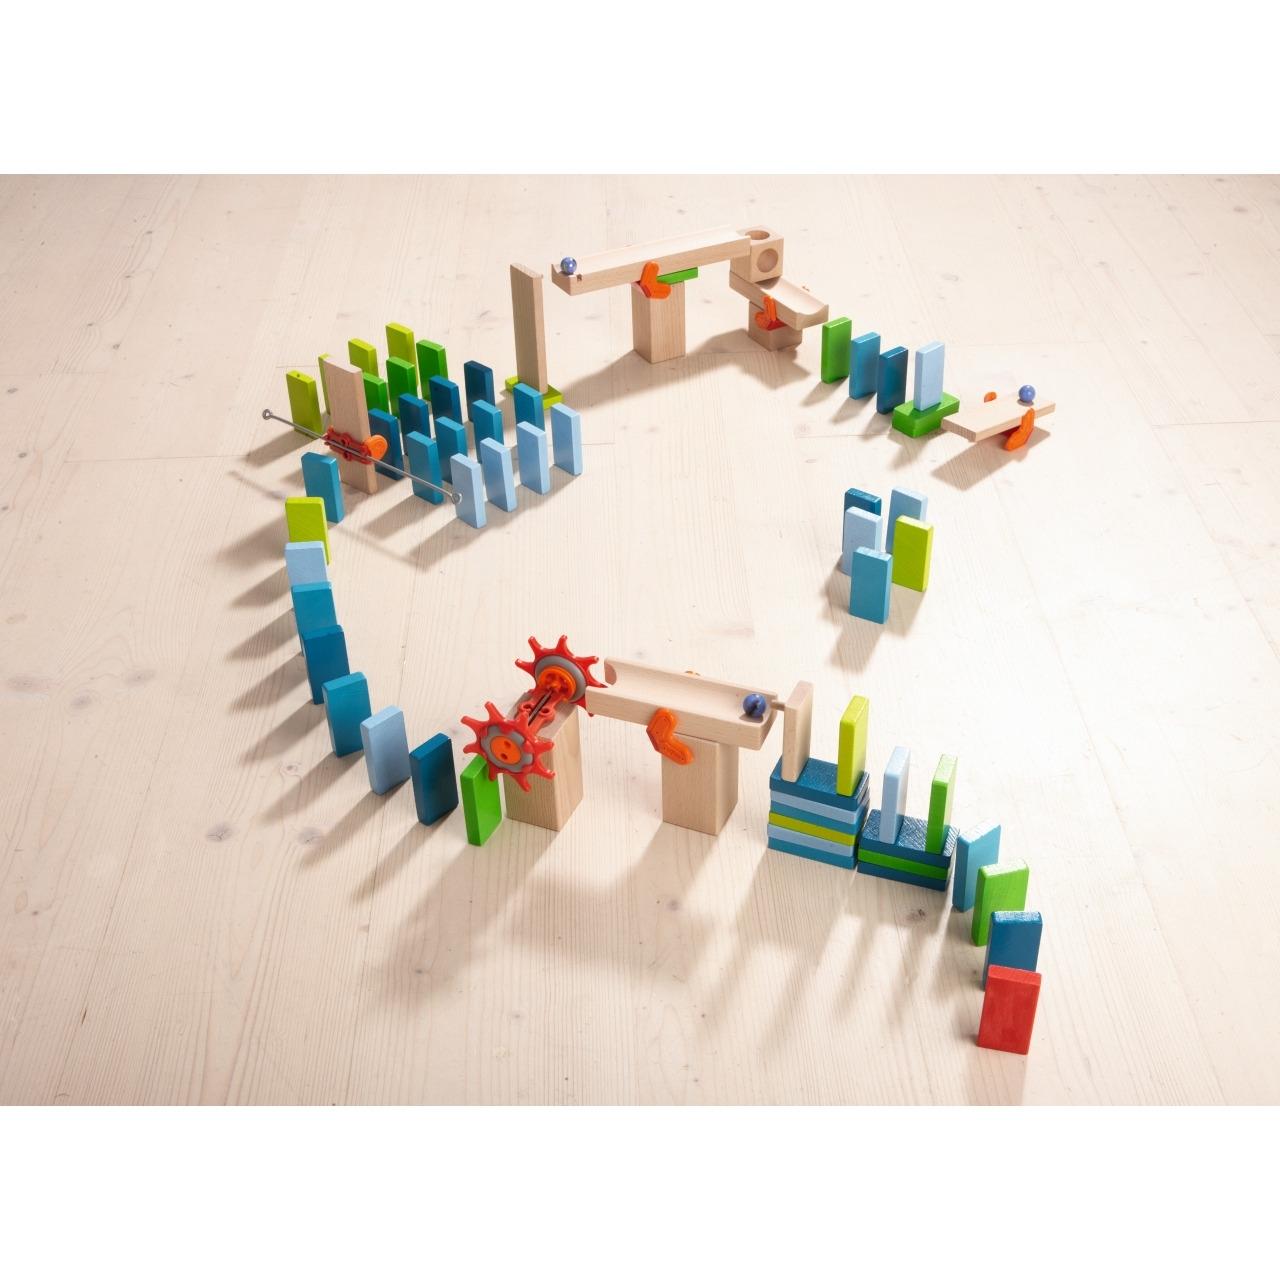 grundpackung domino spielwaren ab 3 jahre spielzeug spielzeug schenken und spielen. Black Bedroom Furniture Sets. Home Design Ideas